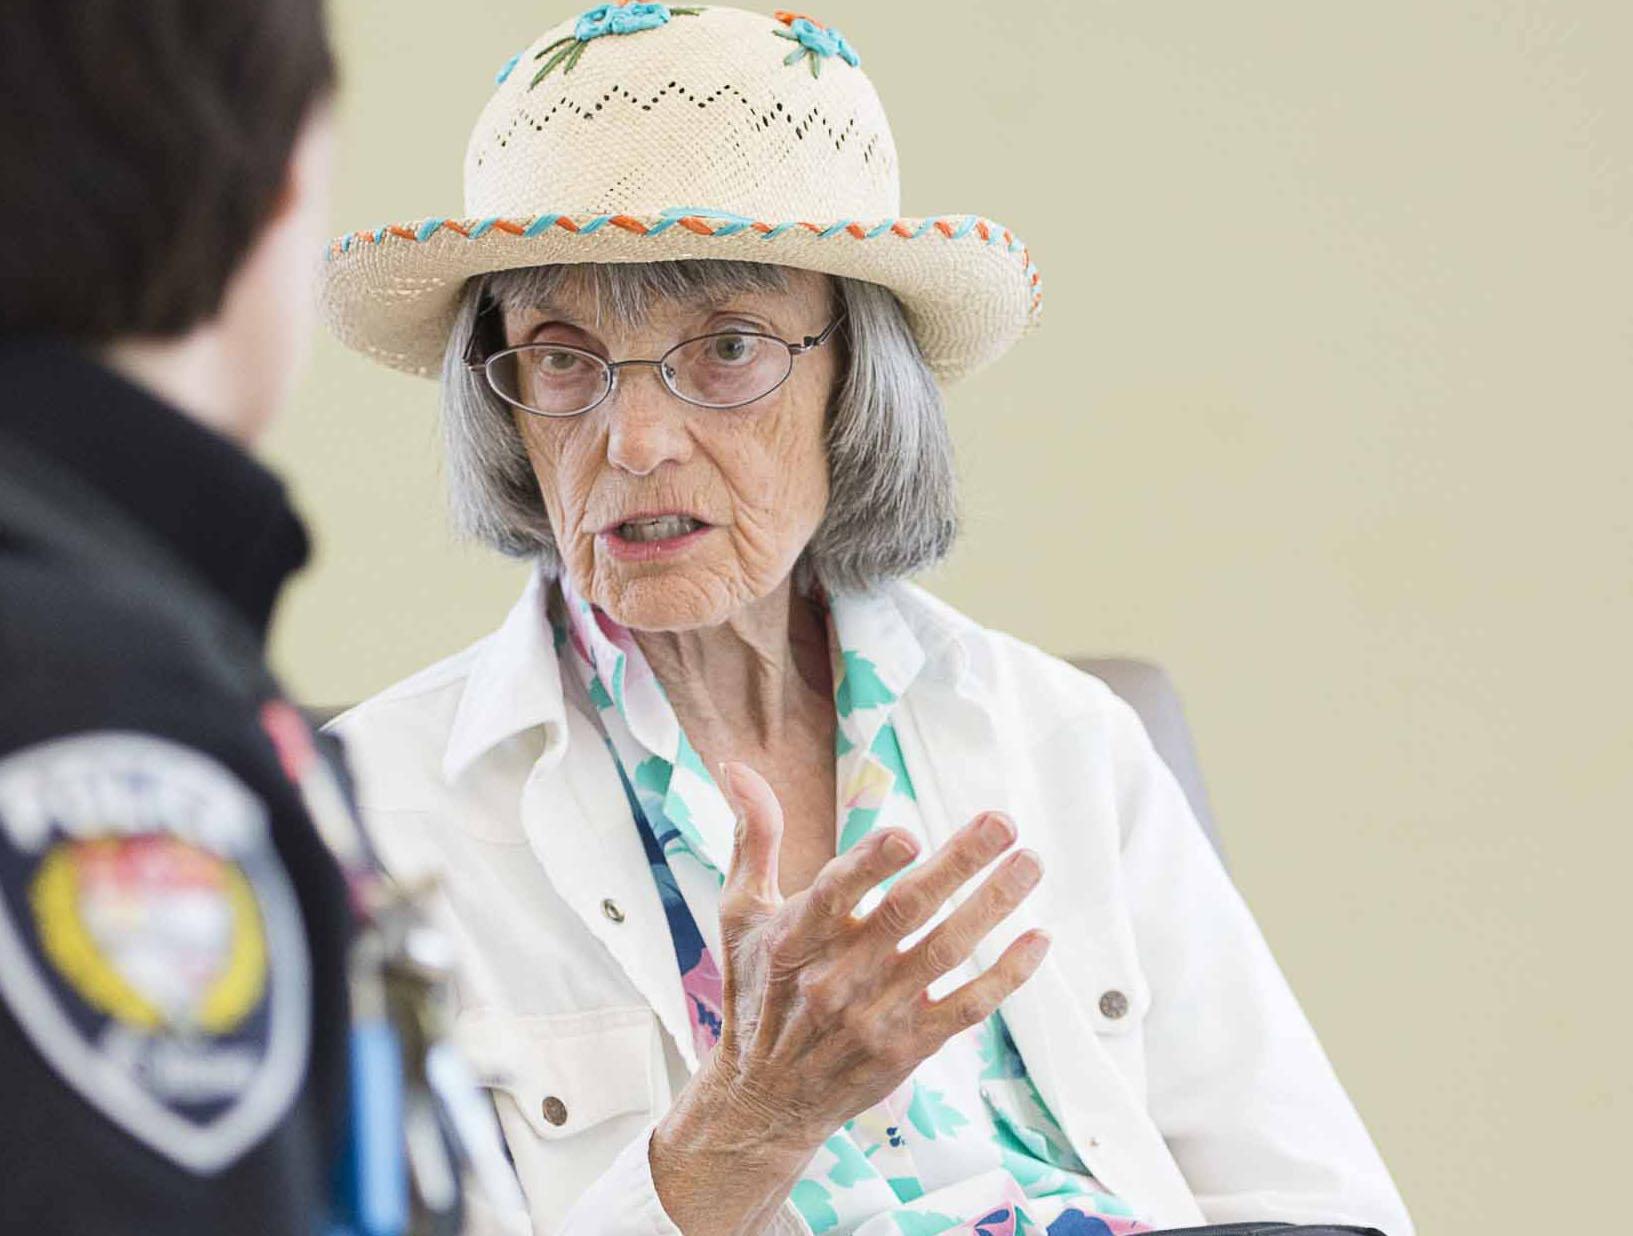 N'importe qui peut être victime d'une fraude, mais les personnes âgées sont particulièrement vulnérables